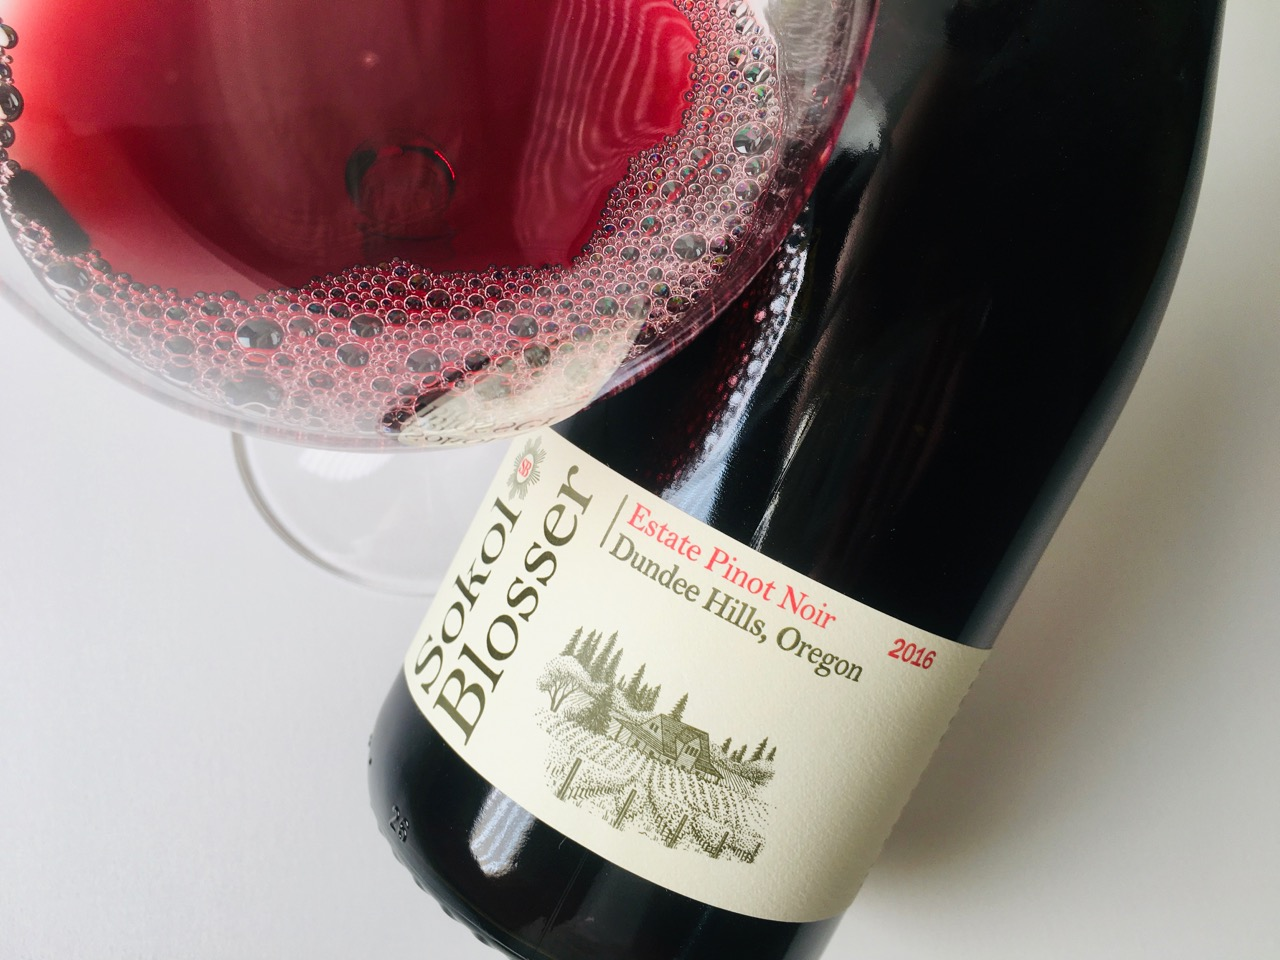 2016 Sokol Blosser Pinot Noir Estate Dundee Hills